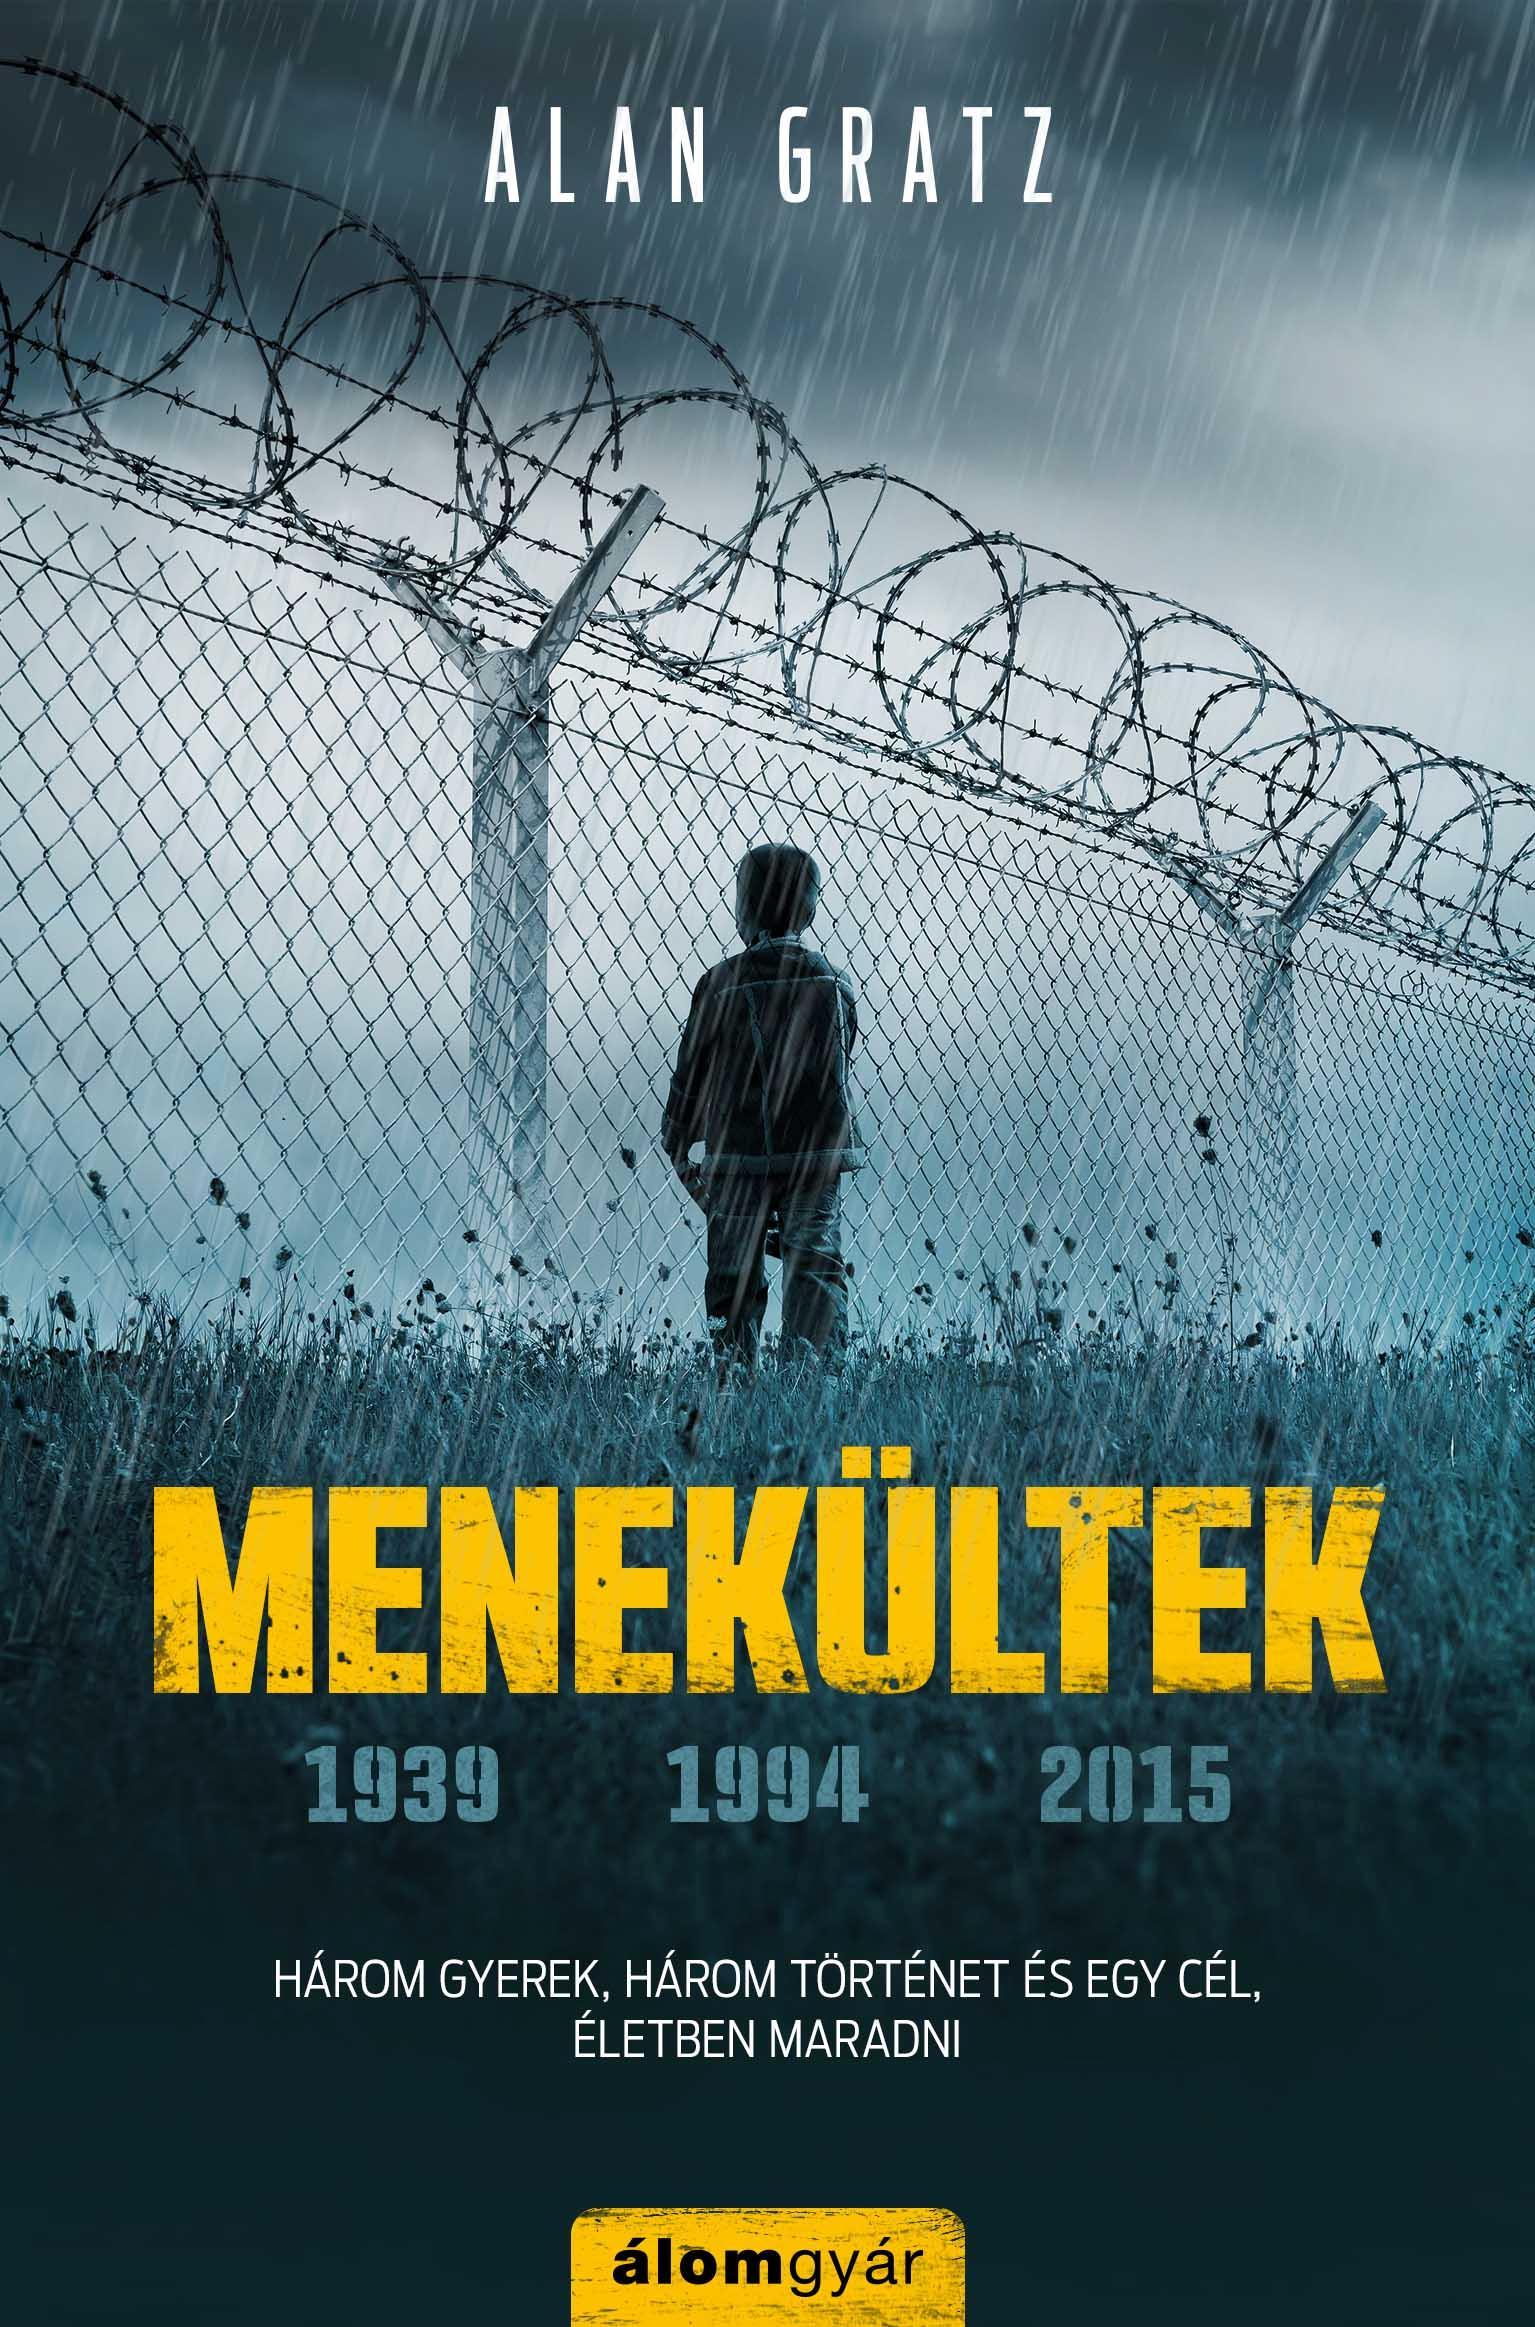 Már a magyar boltok polcain is ott van a Menekültek